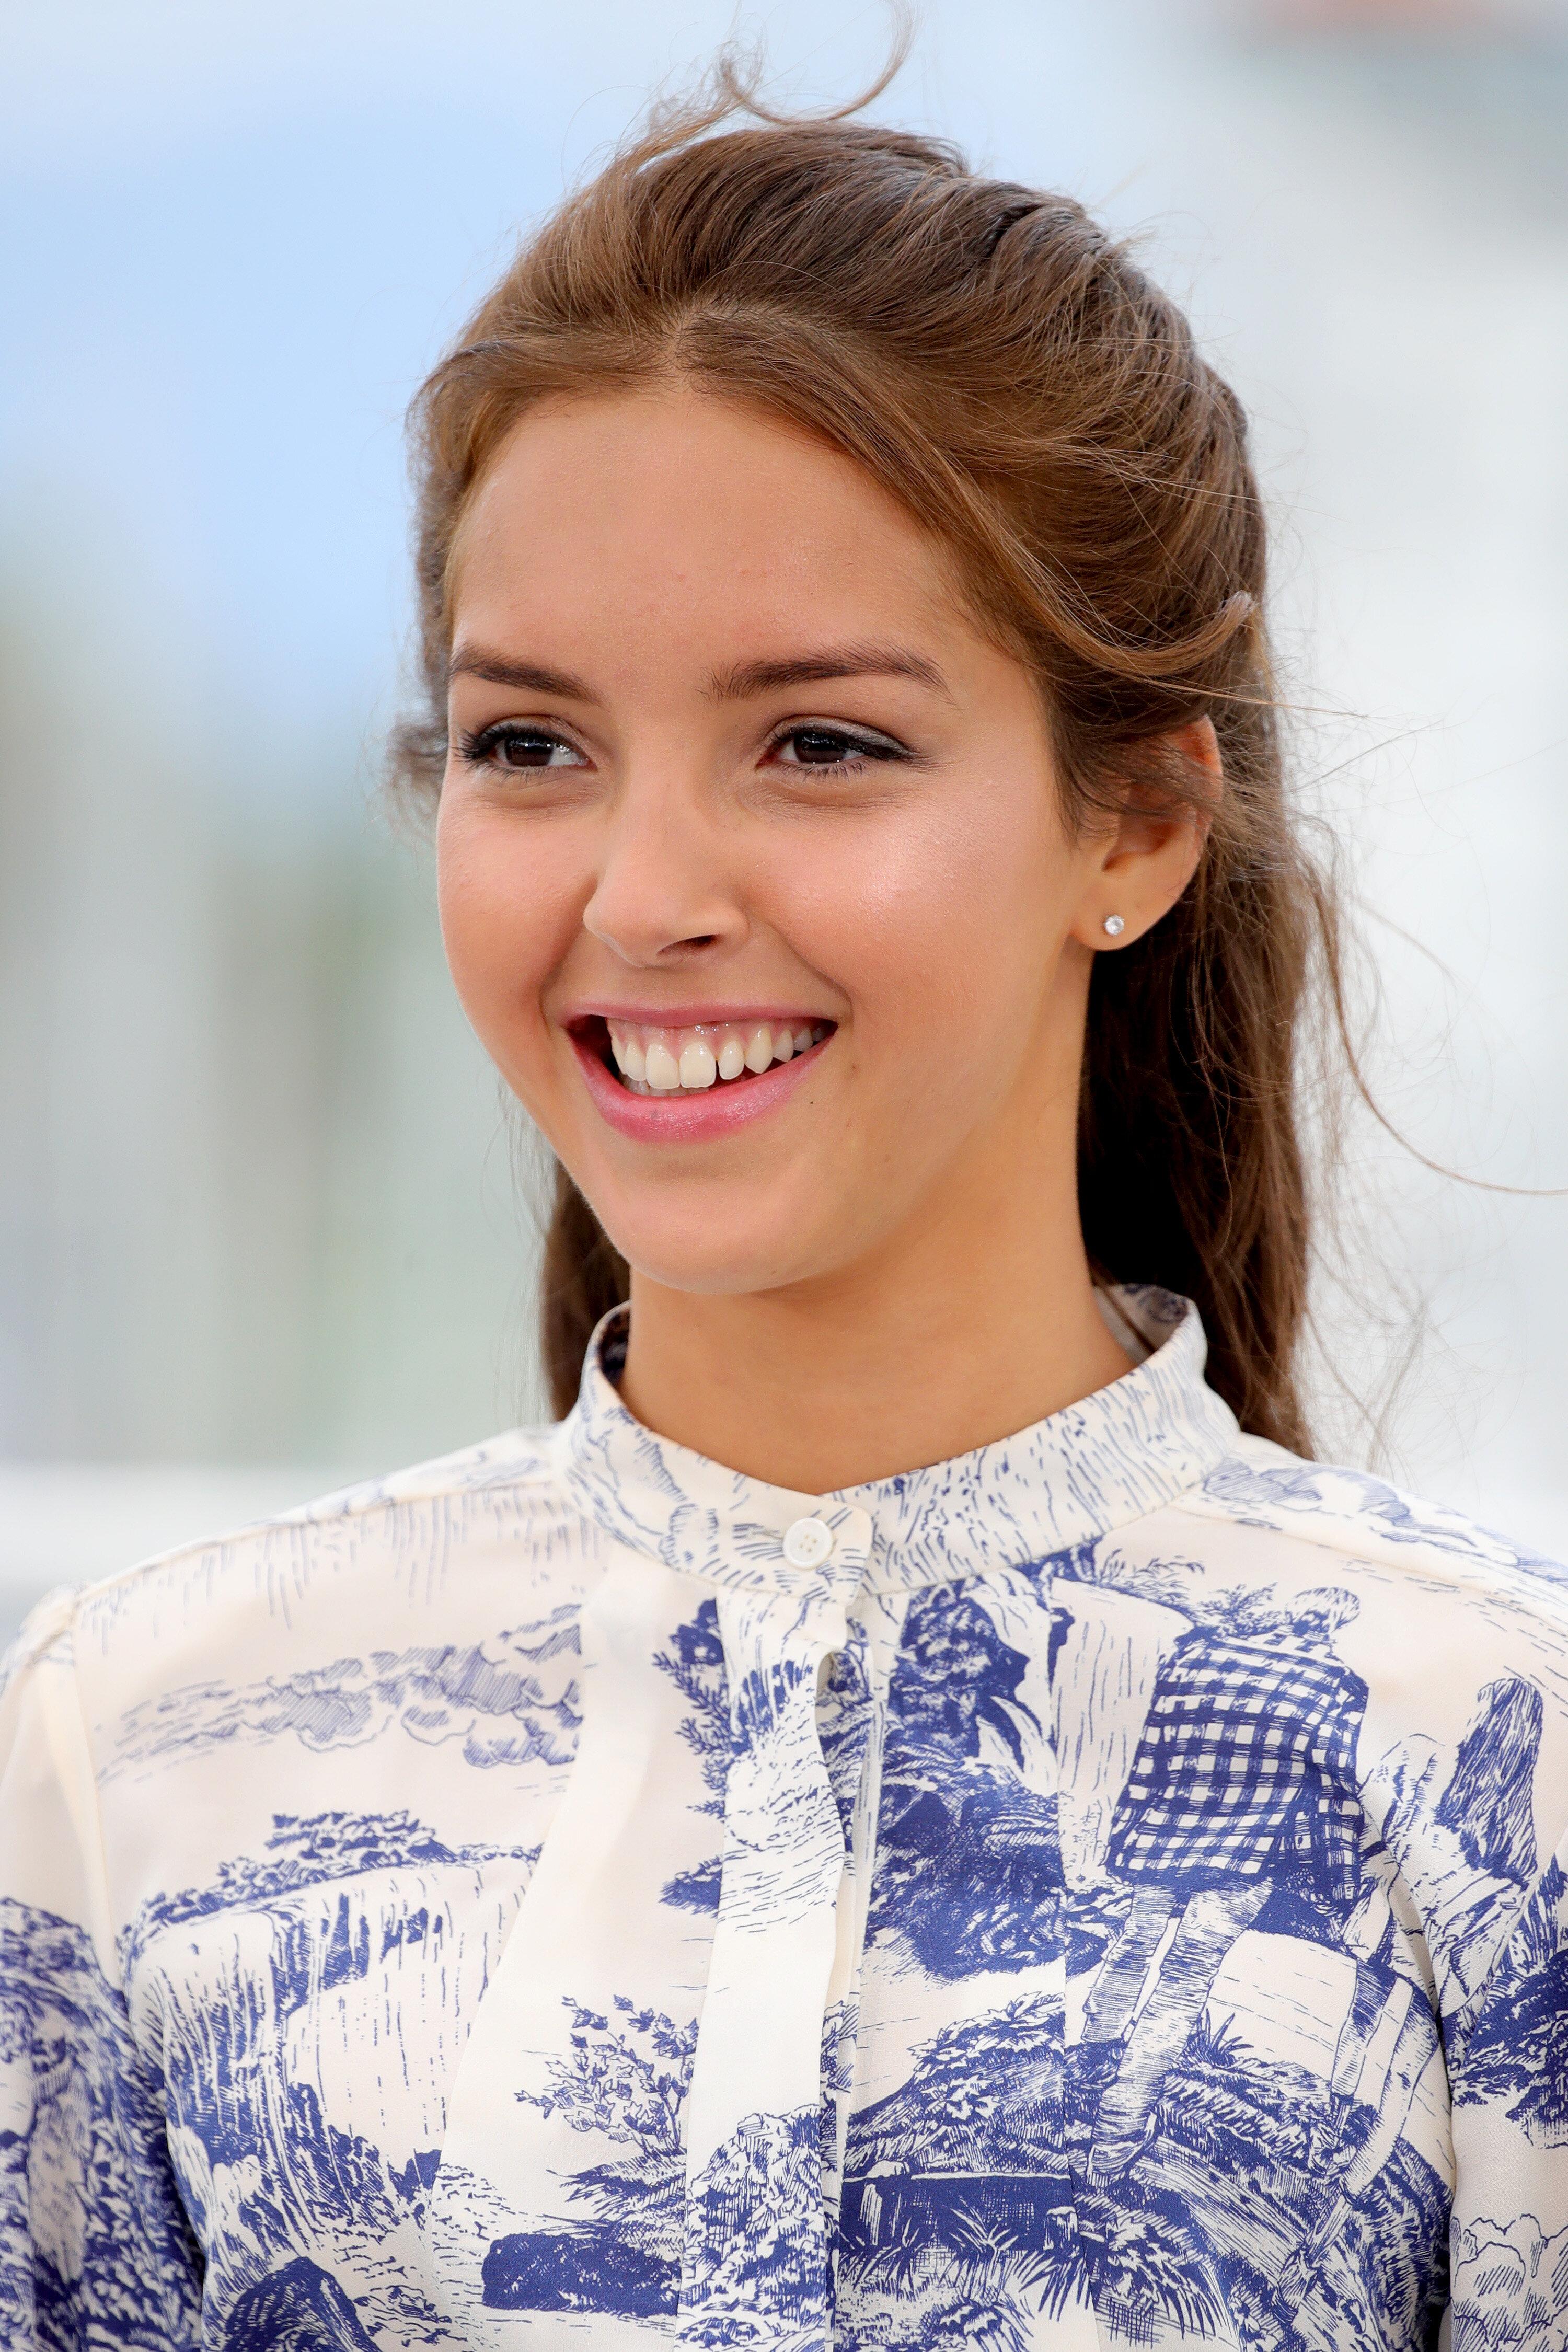 72ème édition du festival de Cannes : Entretien avec la jeune comédienne Lyna Khoudri en route vers la